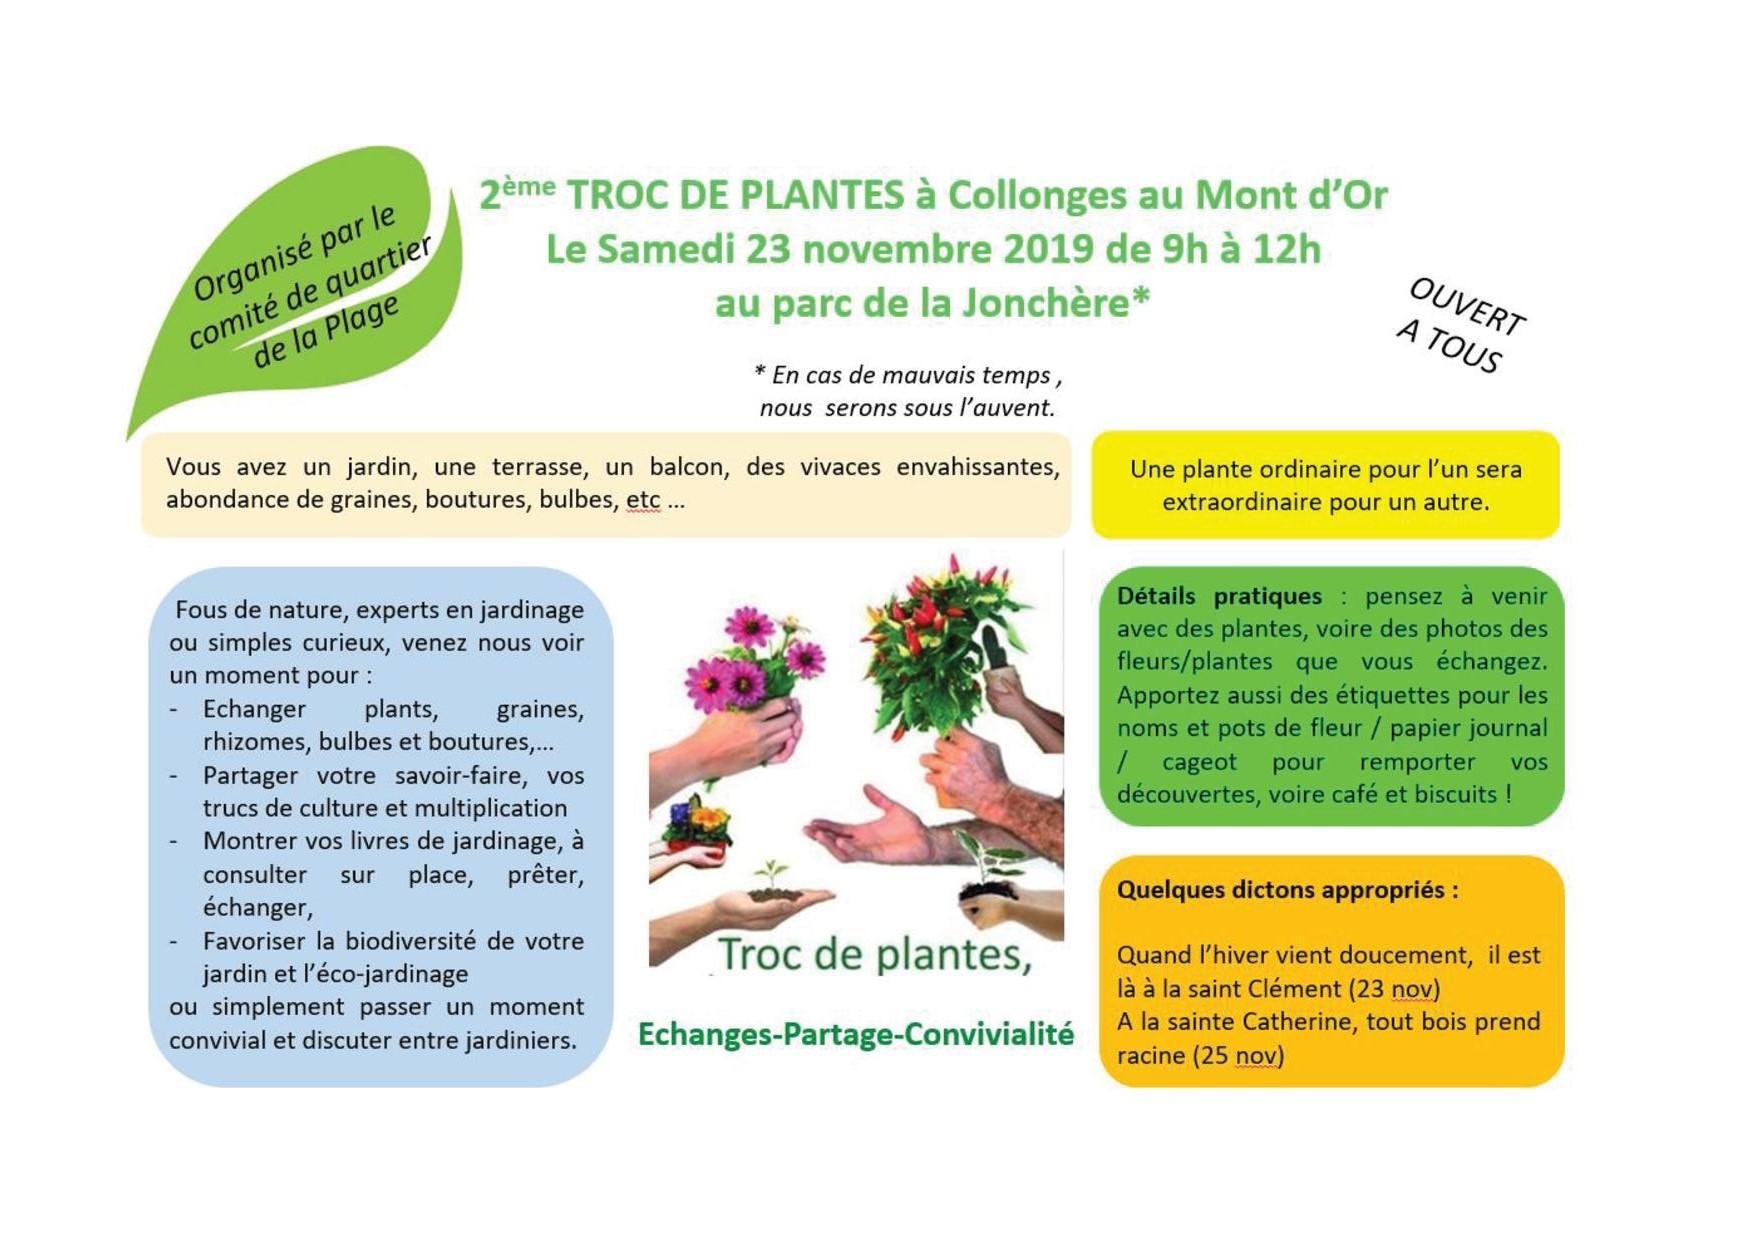 Les Jardins Des Monts D Or troc aux plantes - mairie de collonges-au-mont-d'or